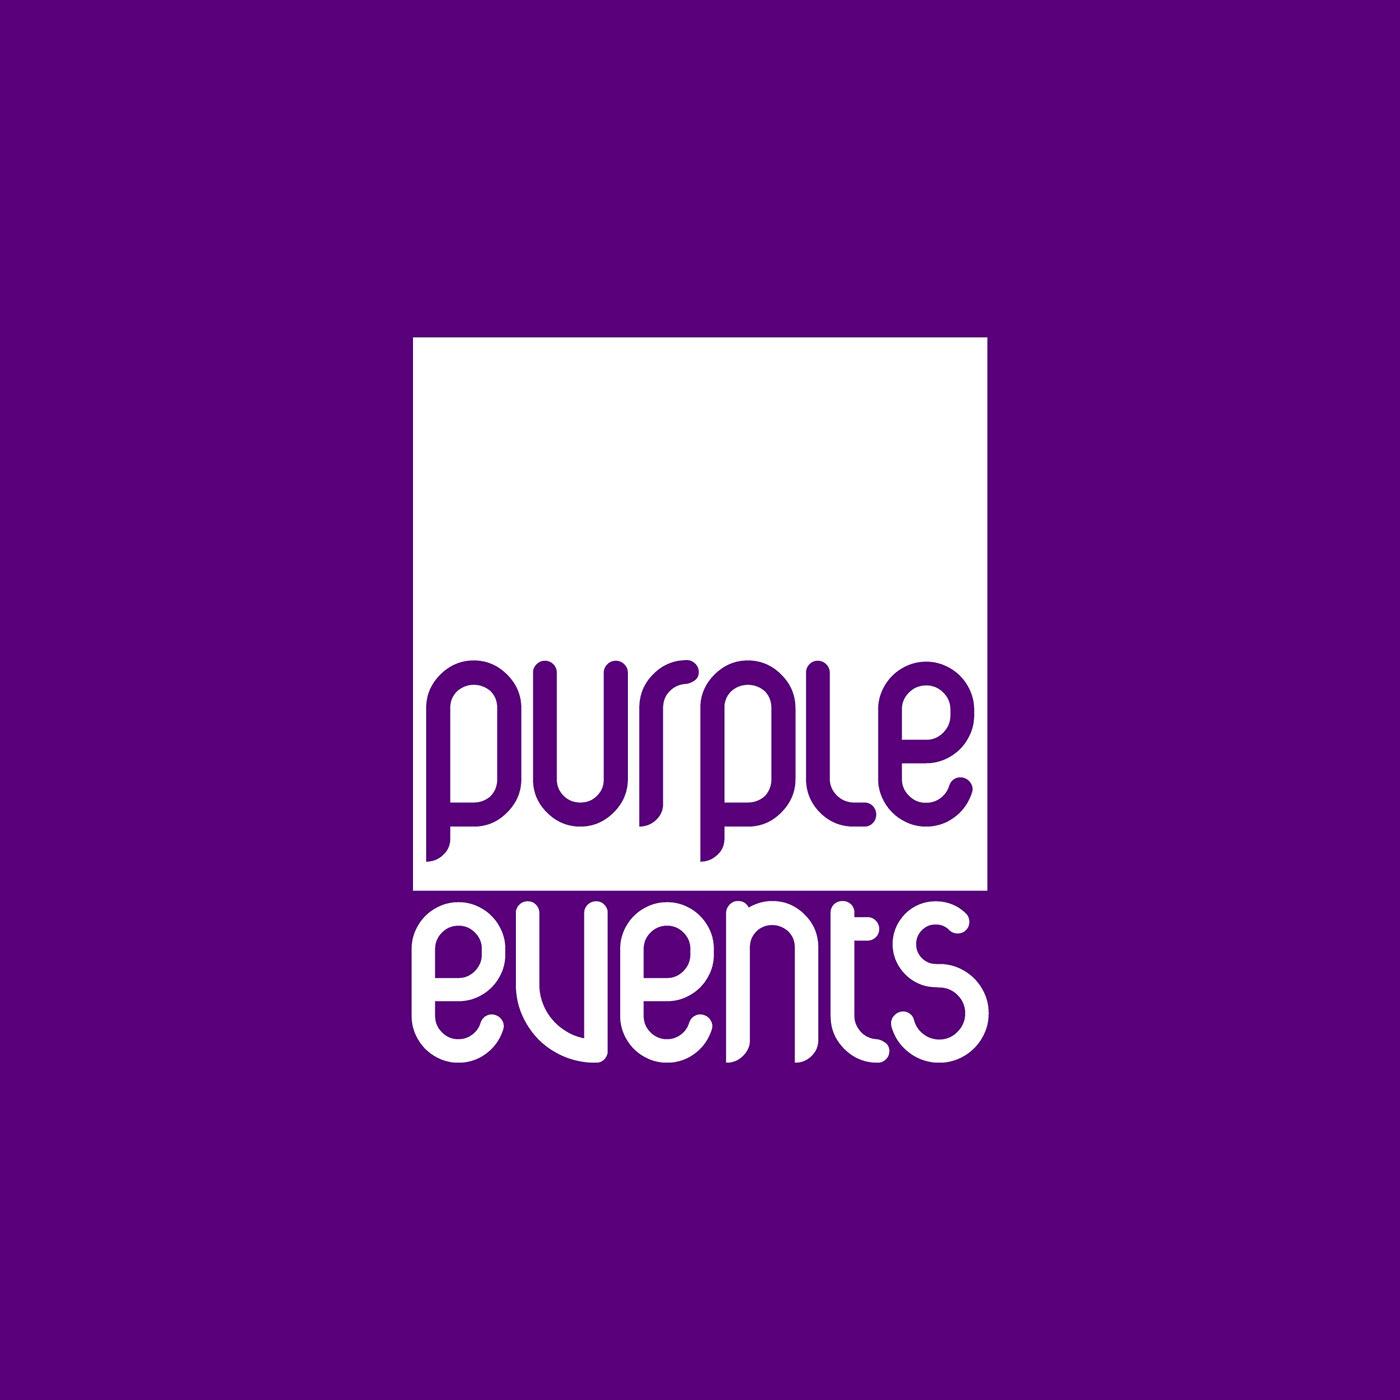 Image may contain: screenshot, magenta and violet